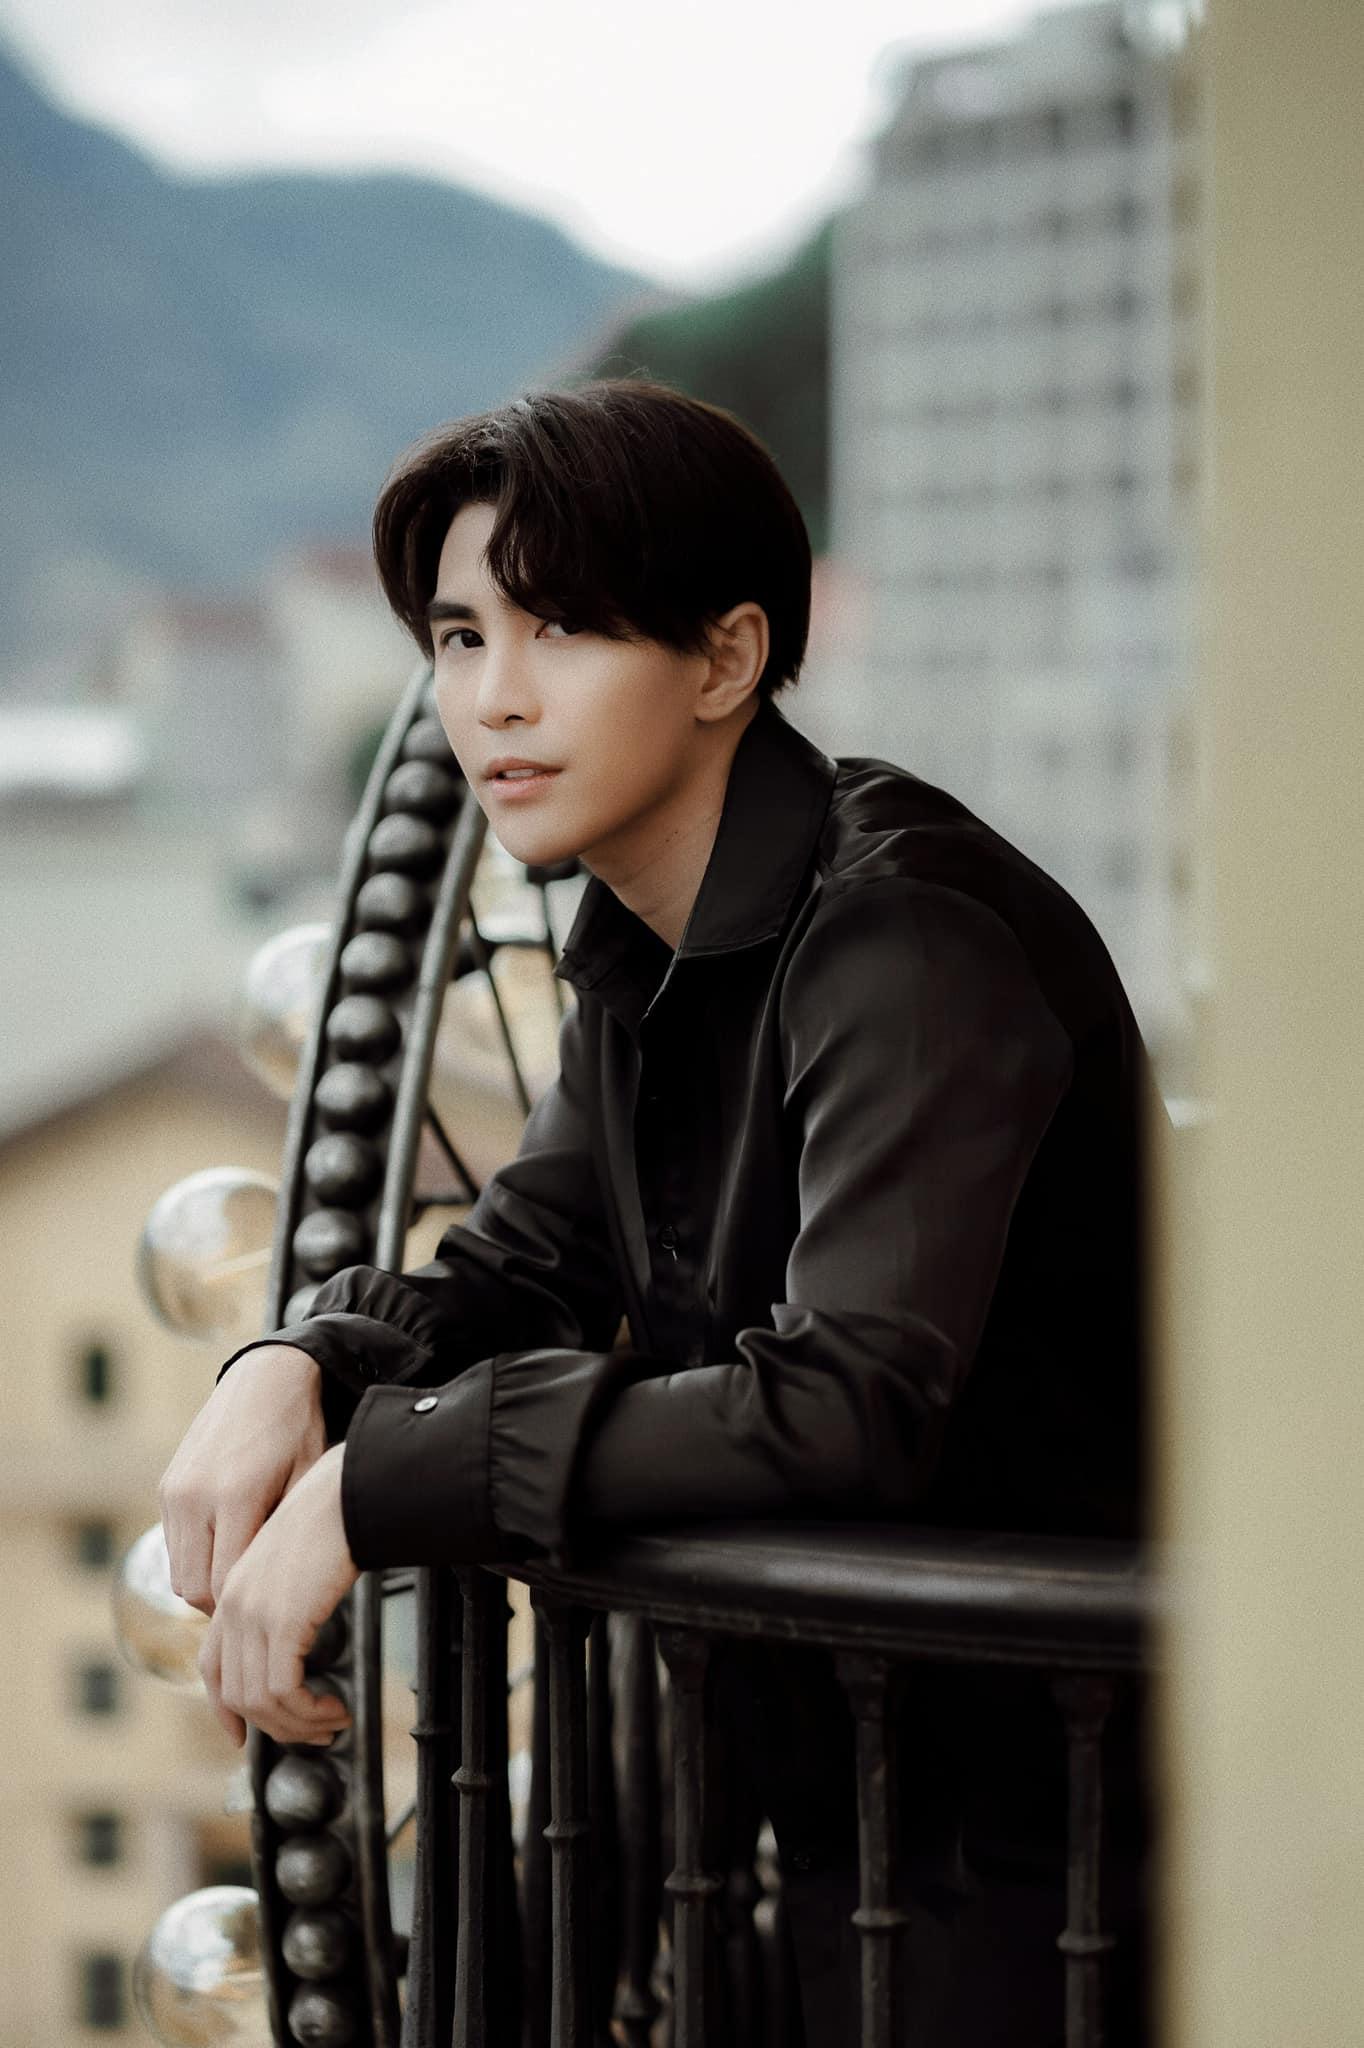 """Erik, Hoàng Yến Chibi cùng dàn ca sĩ hứa hẹn """"bùng nổ"""" tại Gala Ngôi Sao Xanh 2019"""